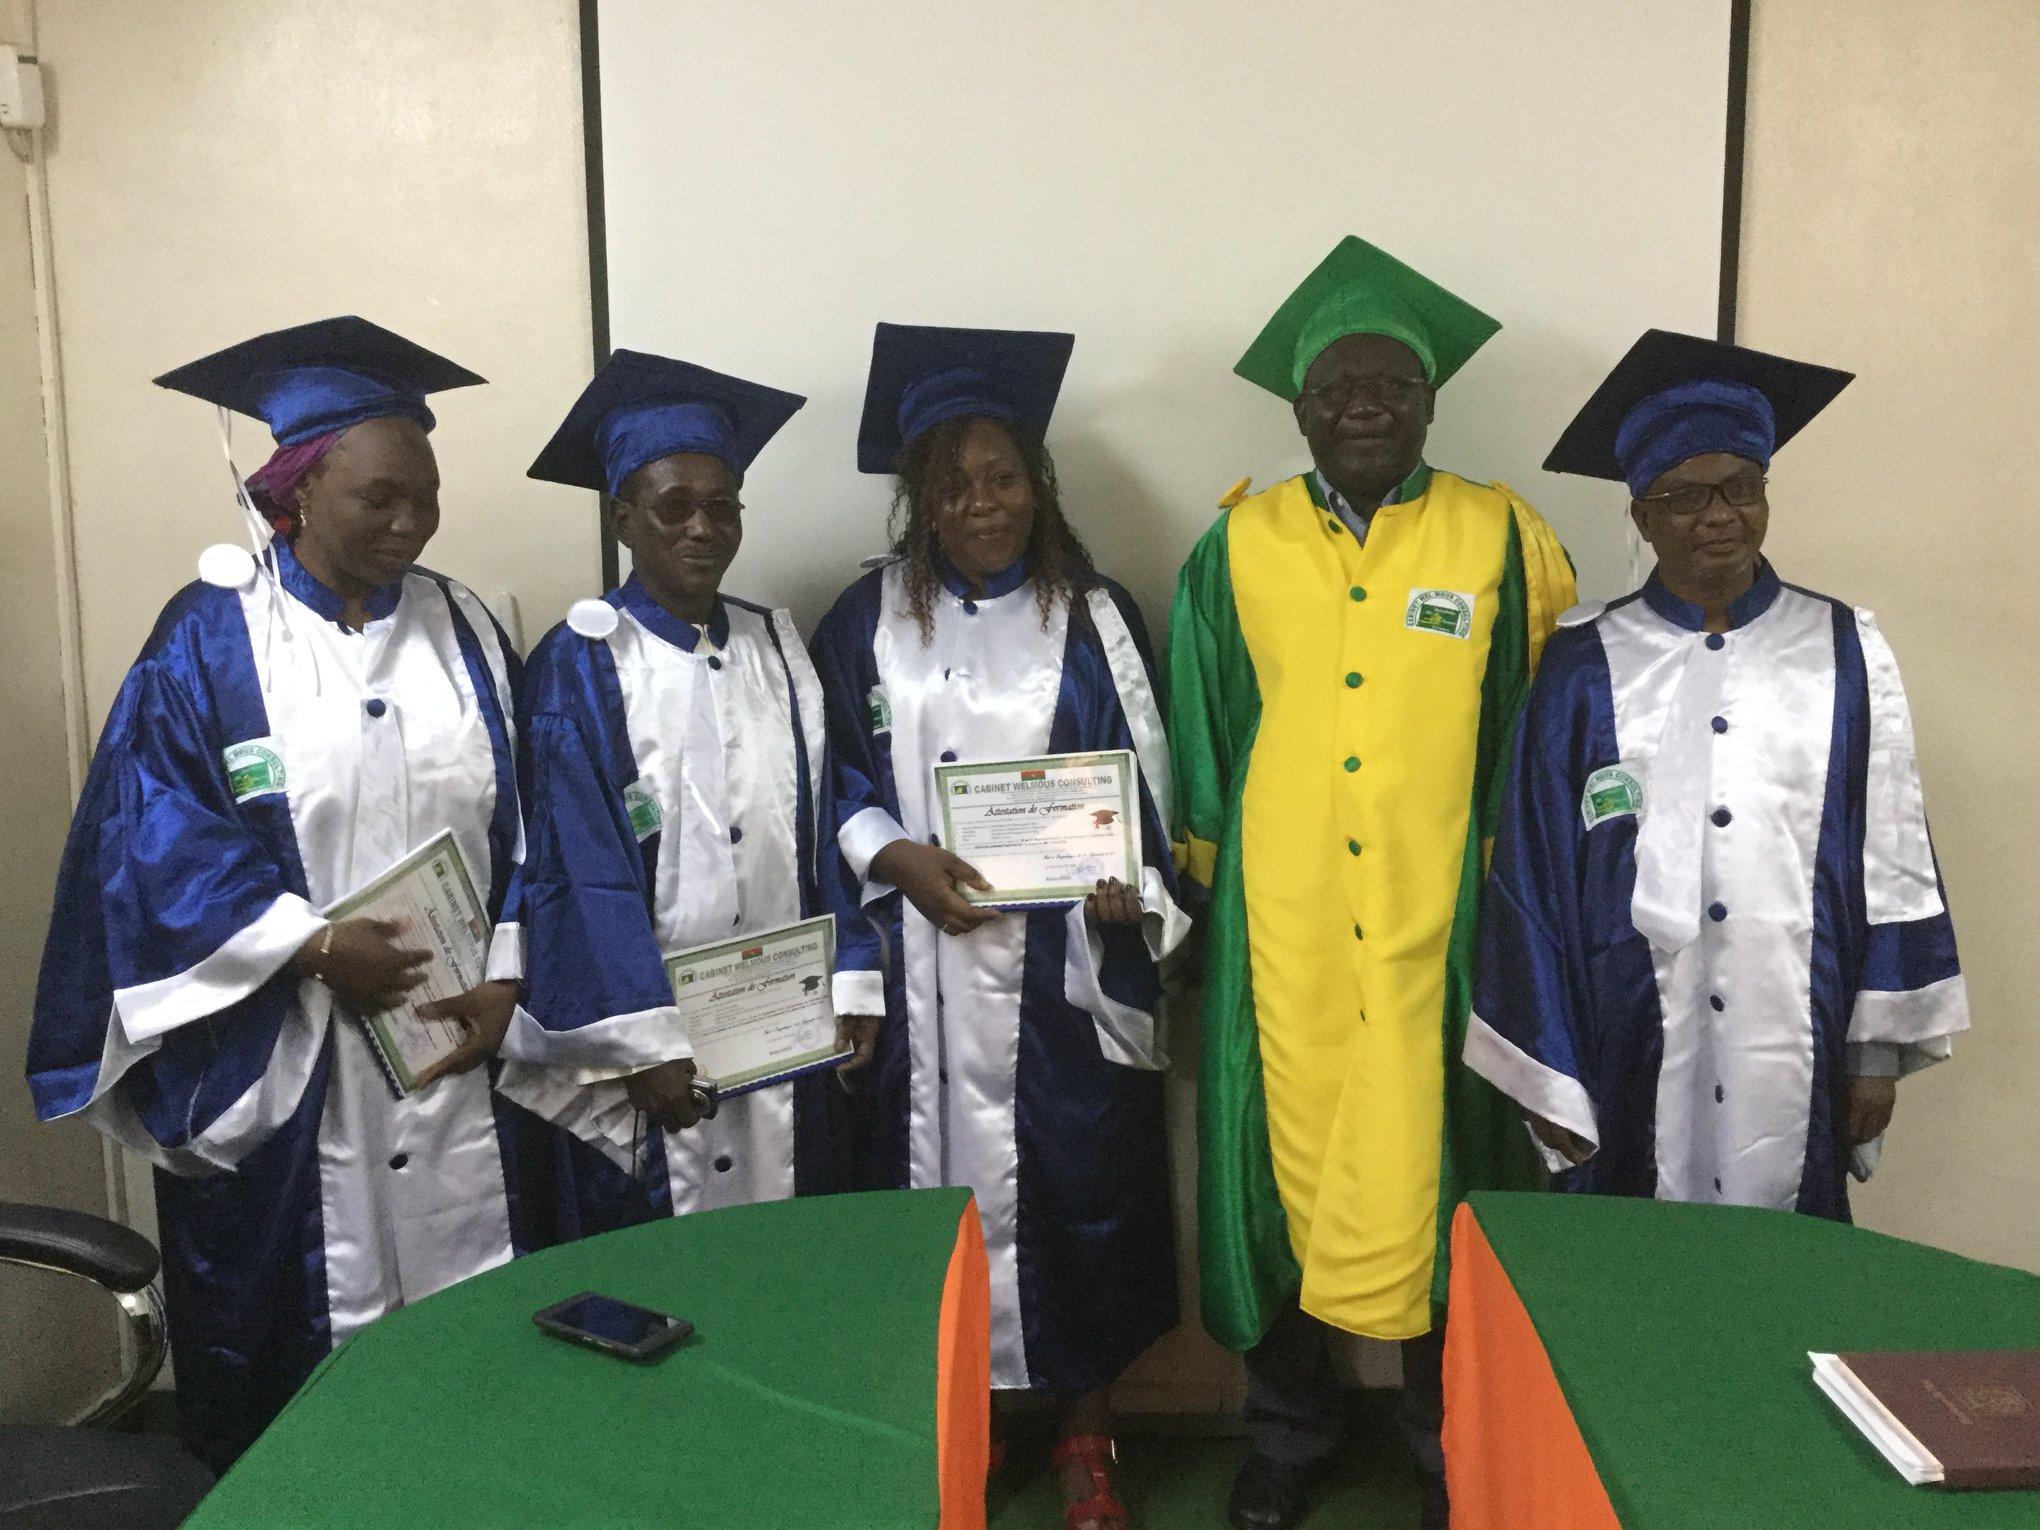 Clôtures de formation des agents du ministère de la santé publique du Niger et du GIZ Burkina